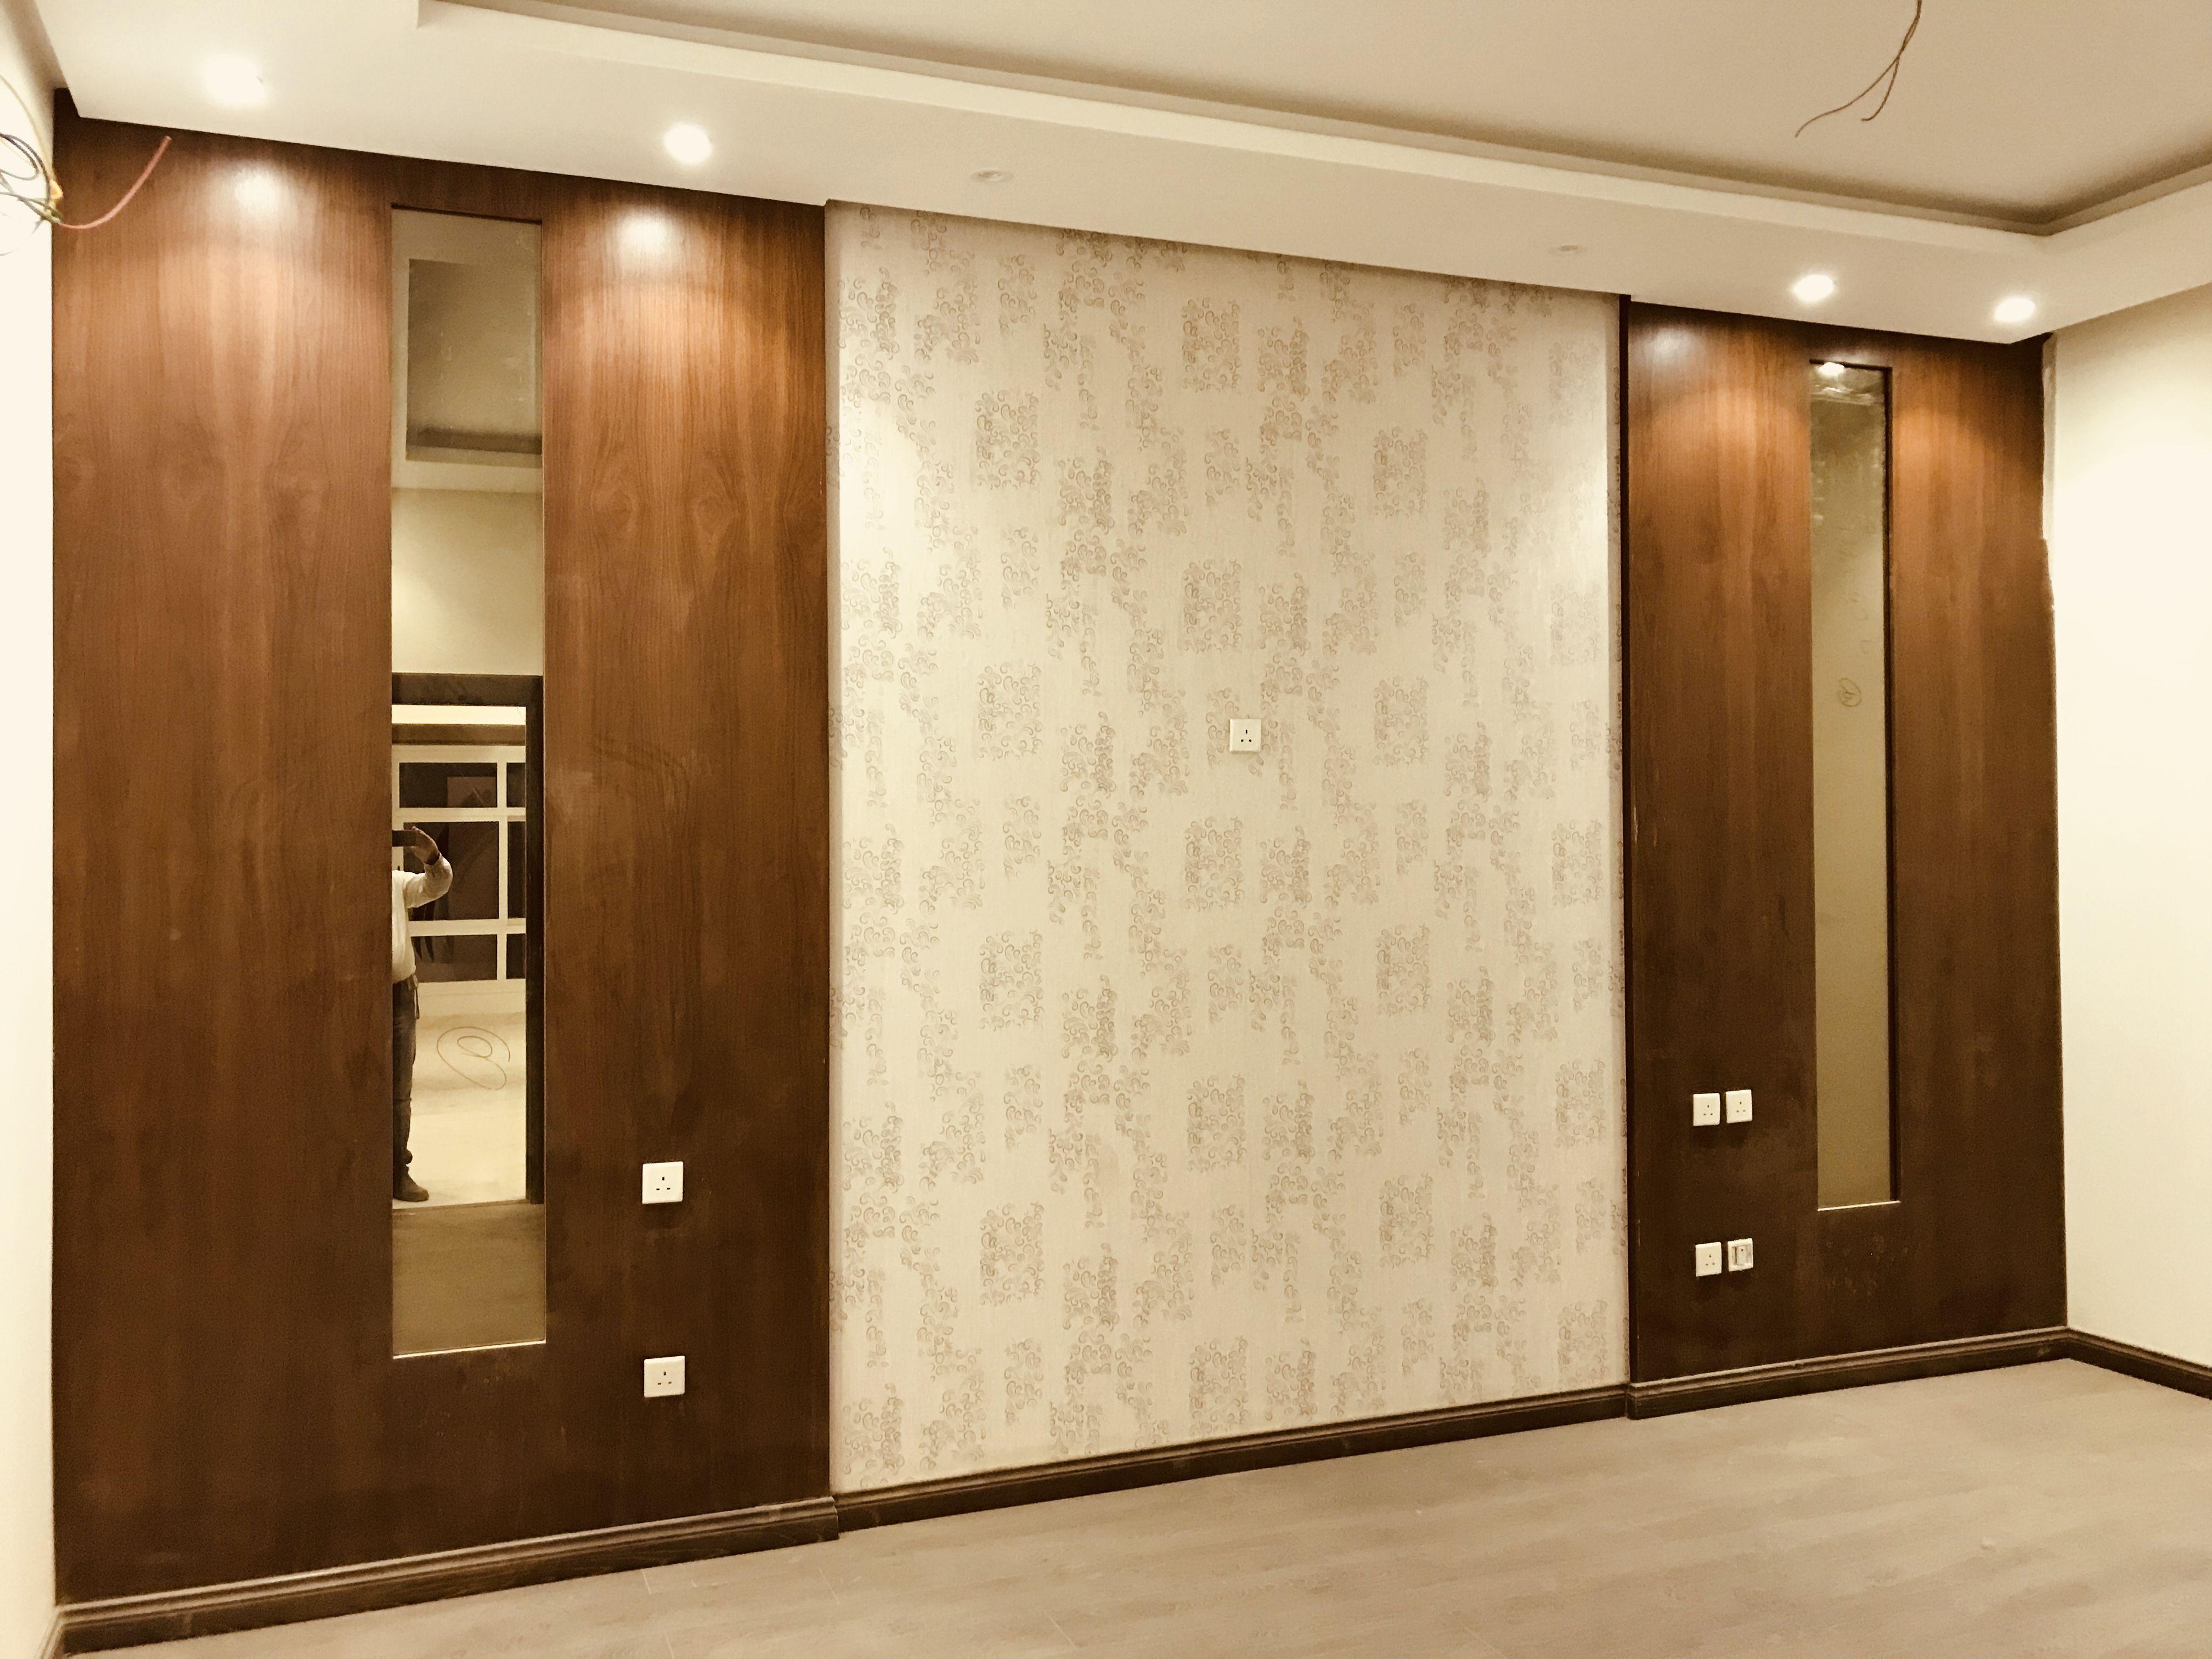 هيدبورد ماستر بيدروم ٠٥٥٥٦٨٨٥١٢ Interior Home Decor Decor